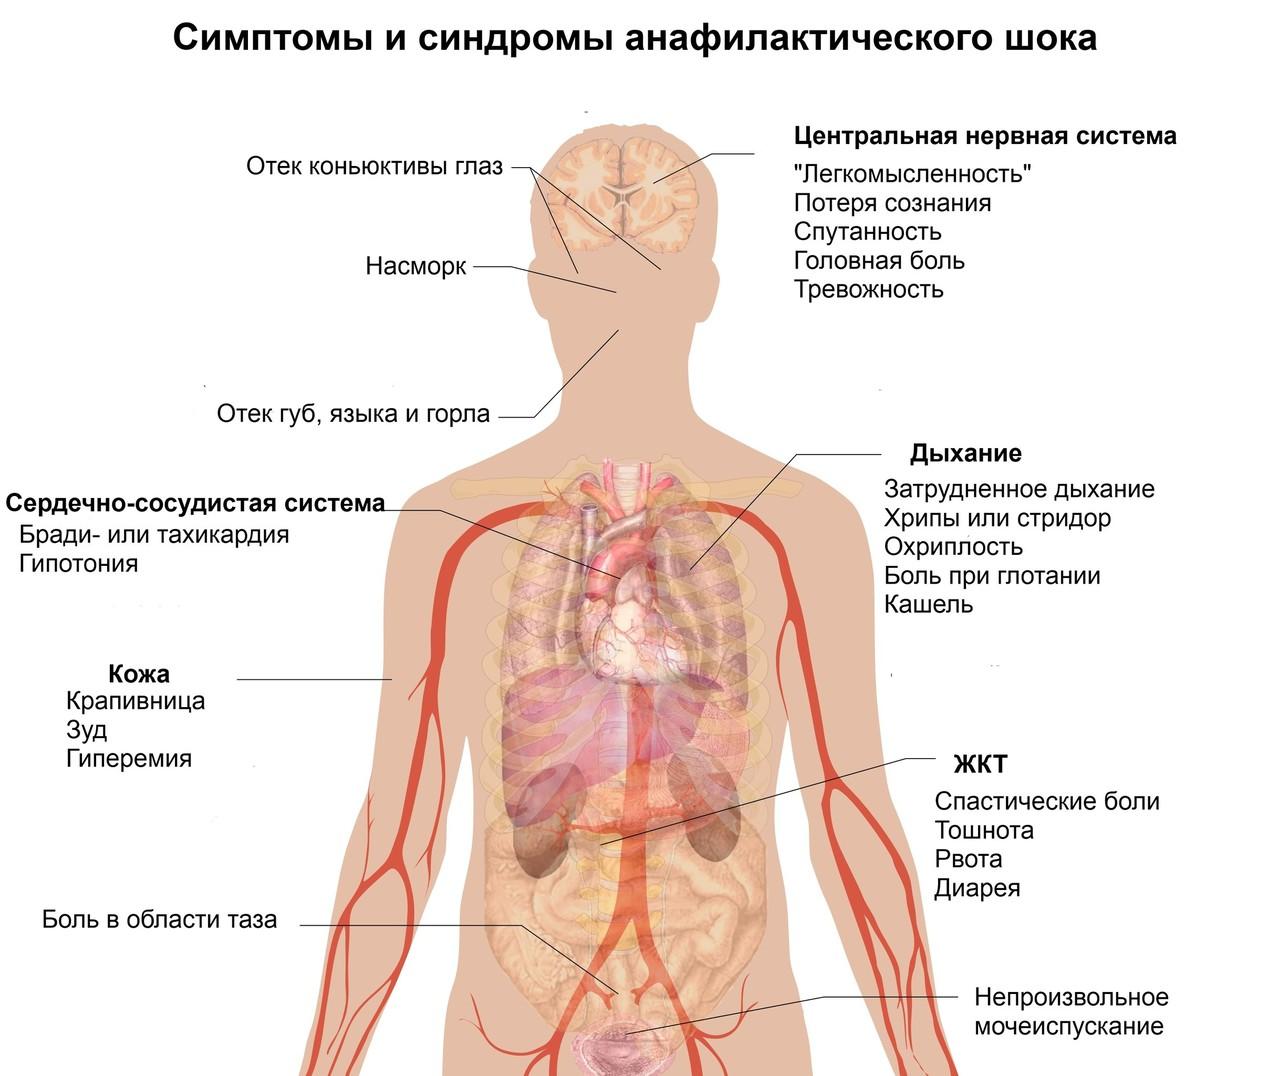 Схема лечения геморрагического шока